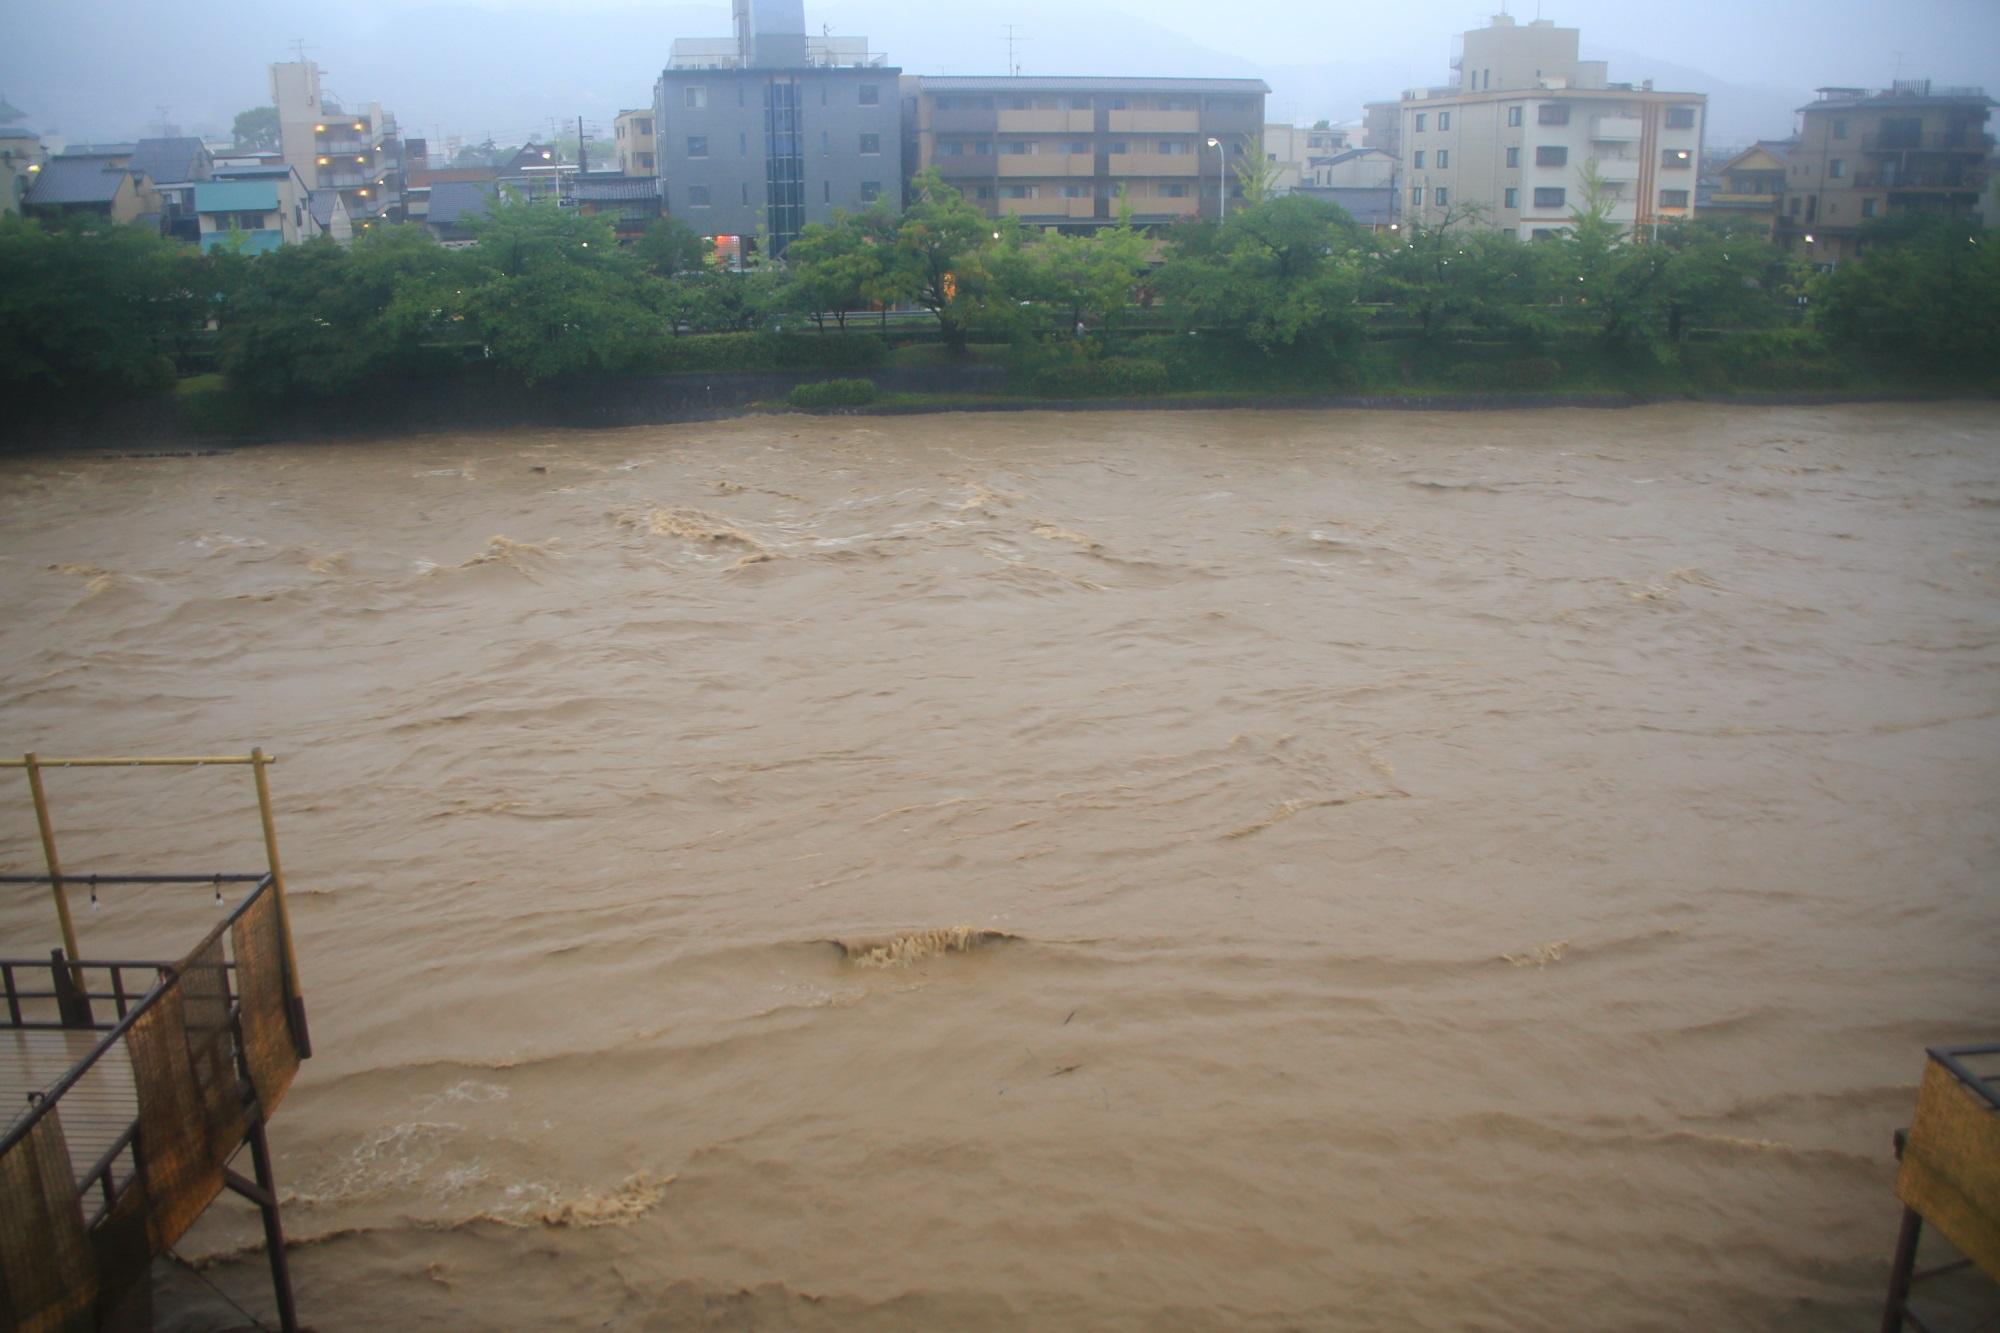 夜中も大雨が降り続け朝になると水が溢れそうになっている鴨川